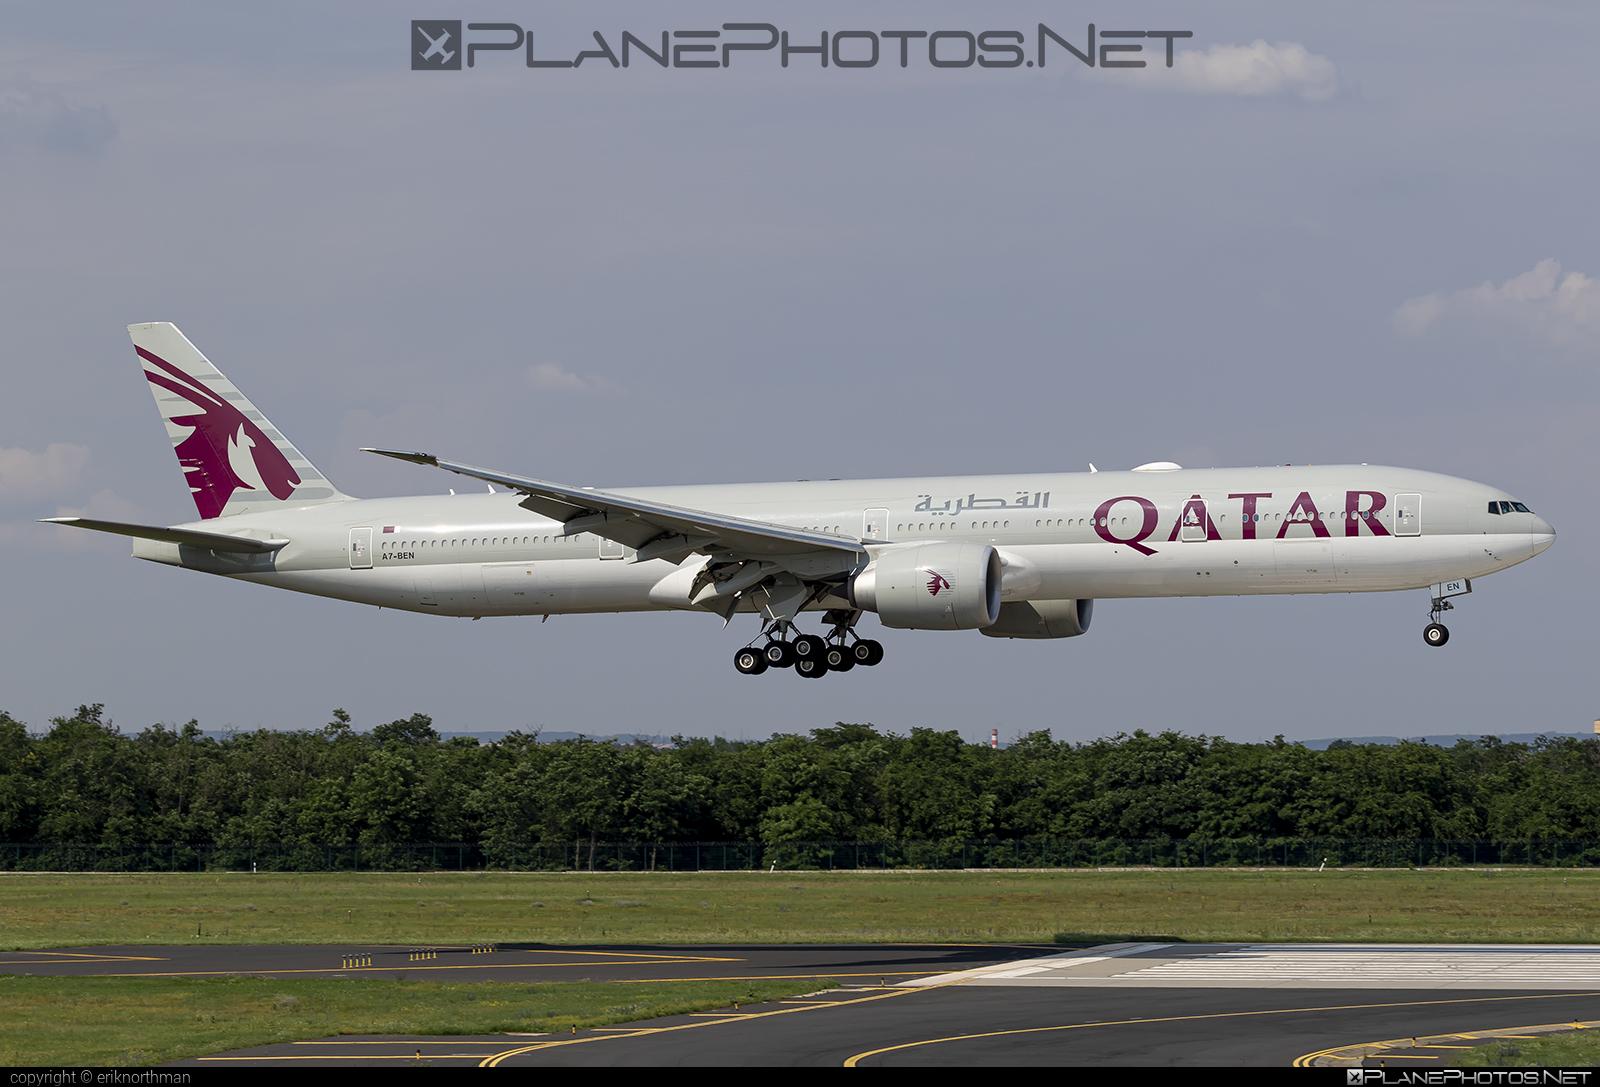 Boeing 777-300ER - A7-BEN operated by Qatar Airways #b777 #b777er #boeing #boeing777 #qatarairways #tripleseven